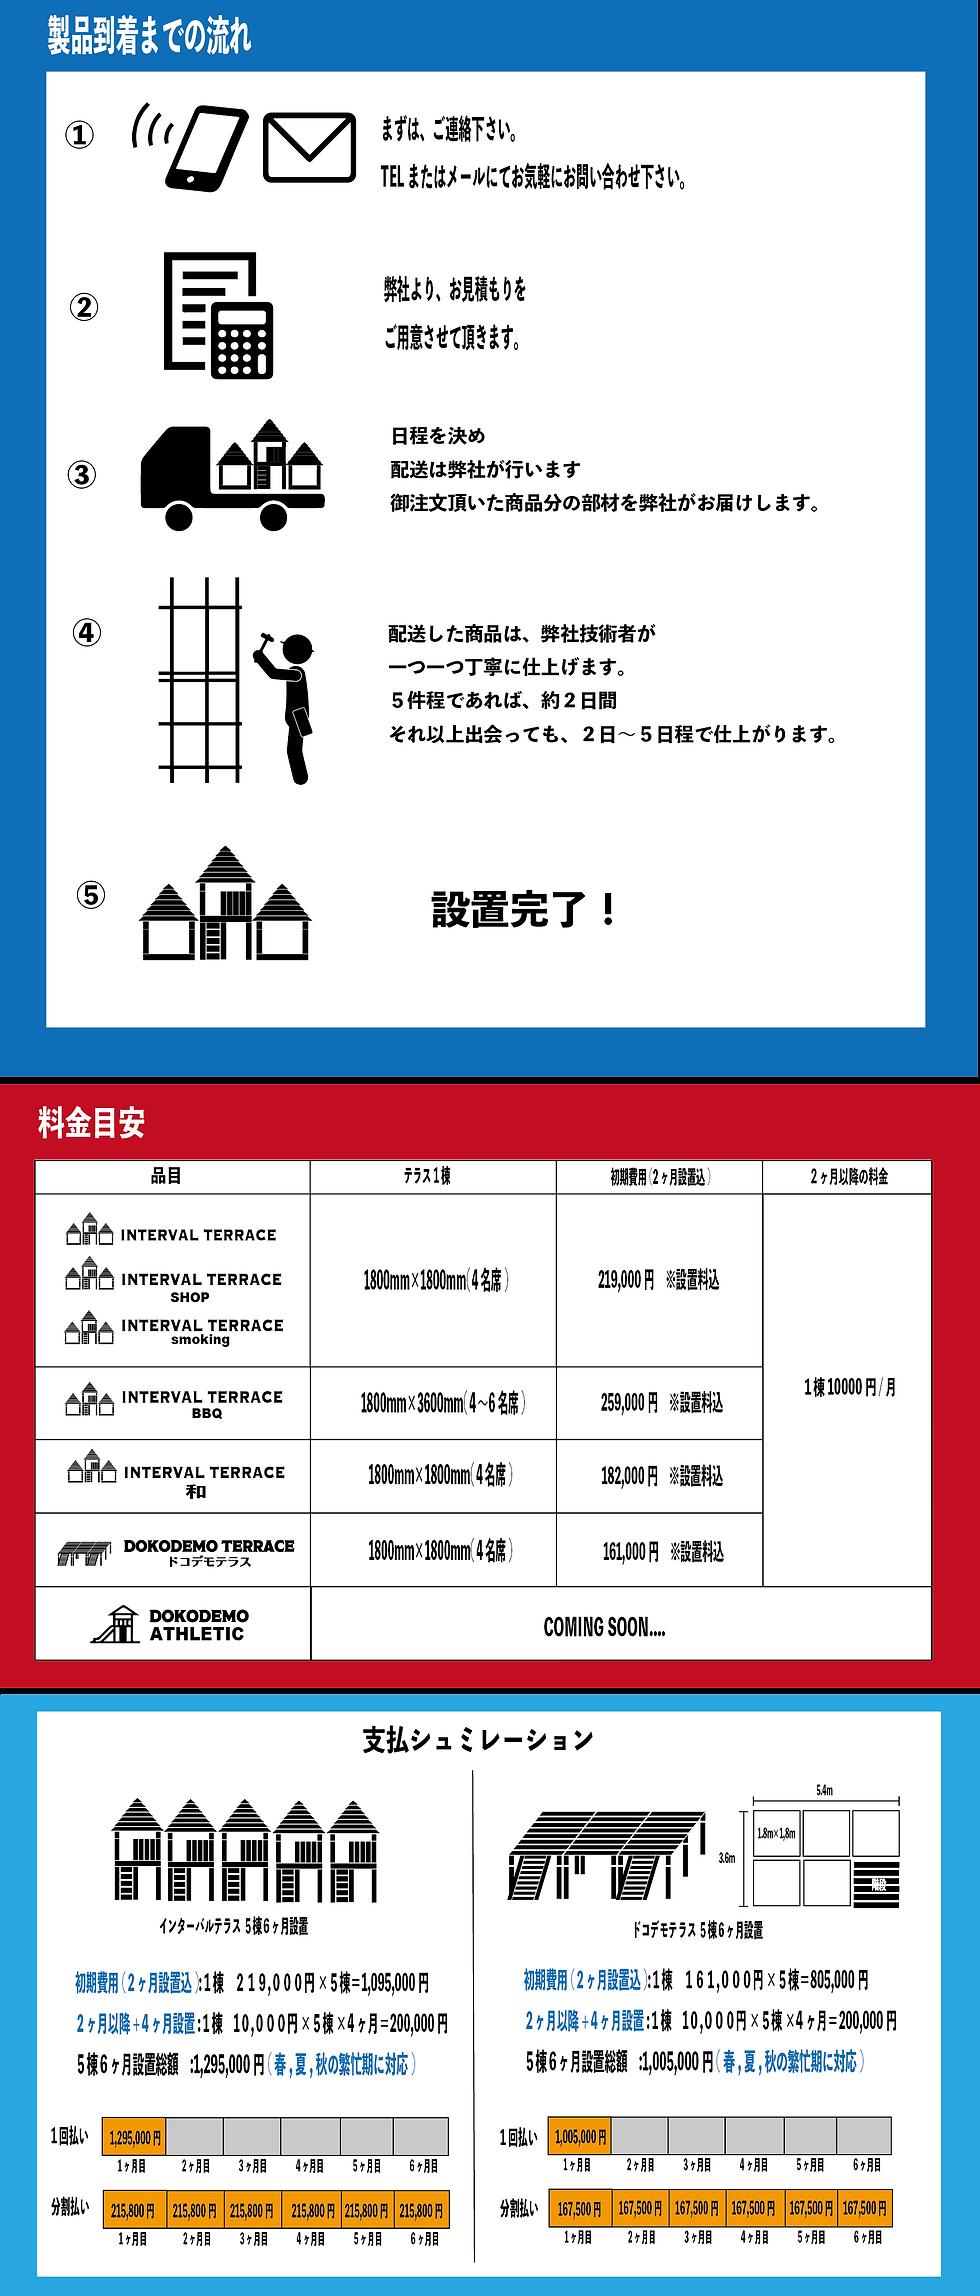 テラス 料金|インターバルテラス 料金表|